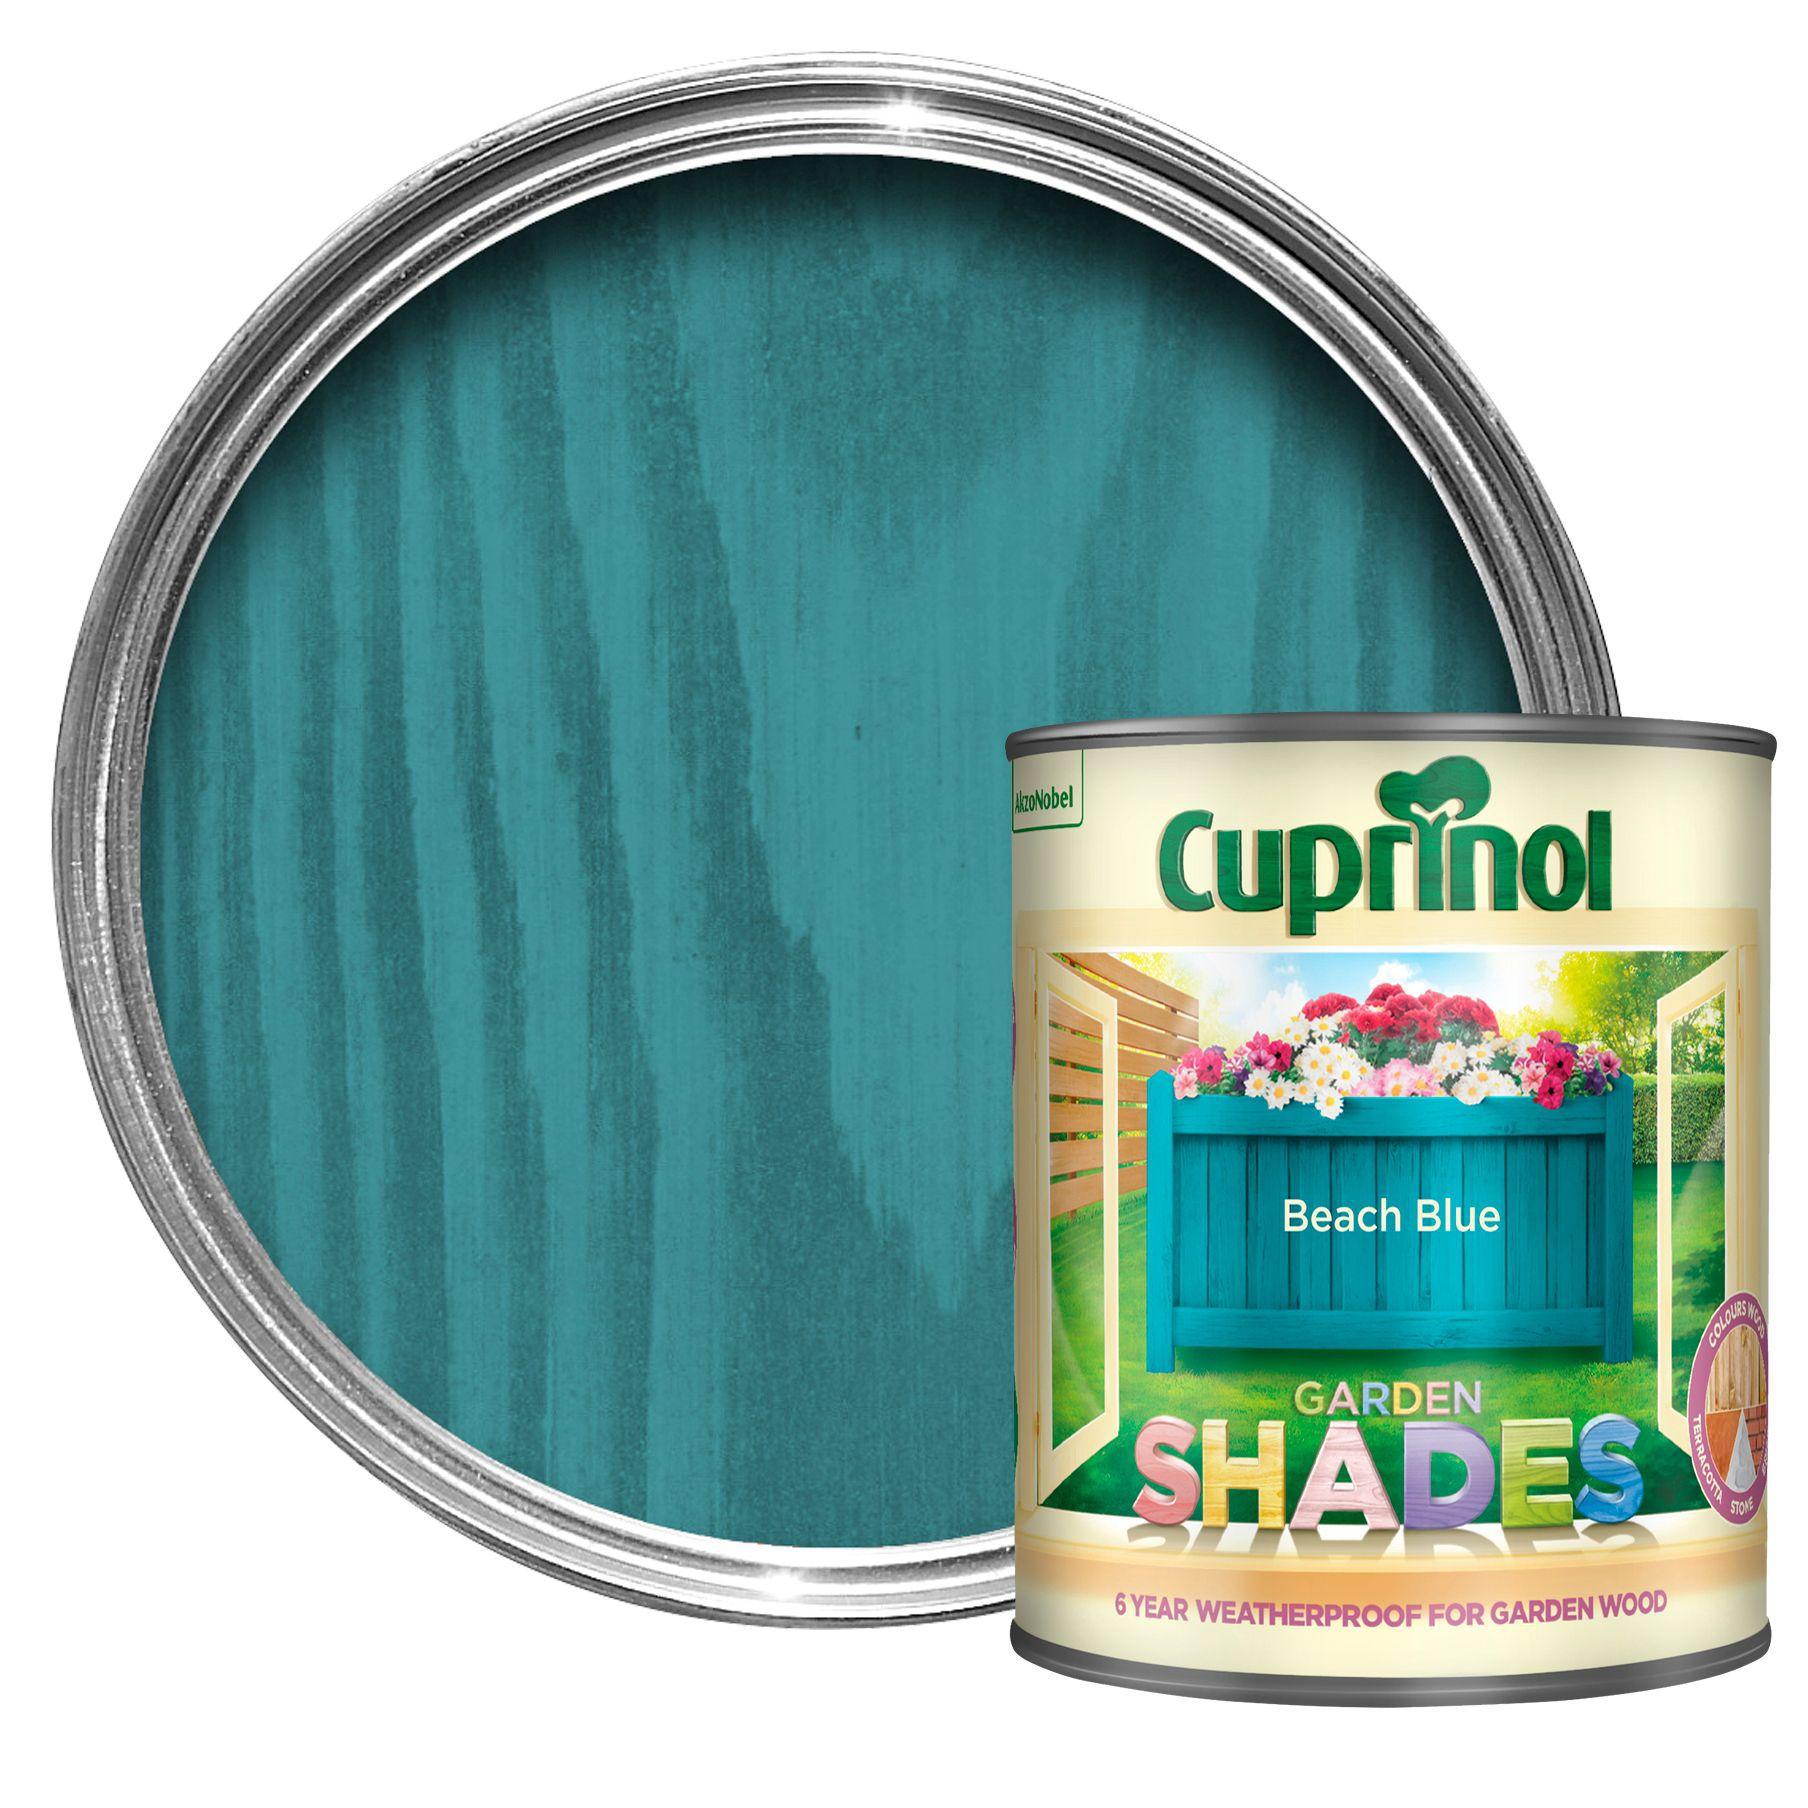 Cuprinol Garden Shades Beach Blue Matt Wood Paint 1l